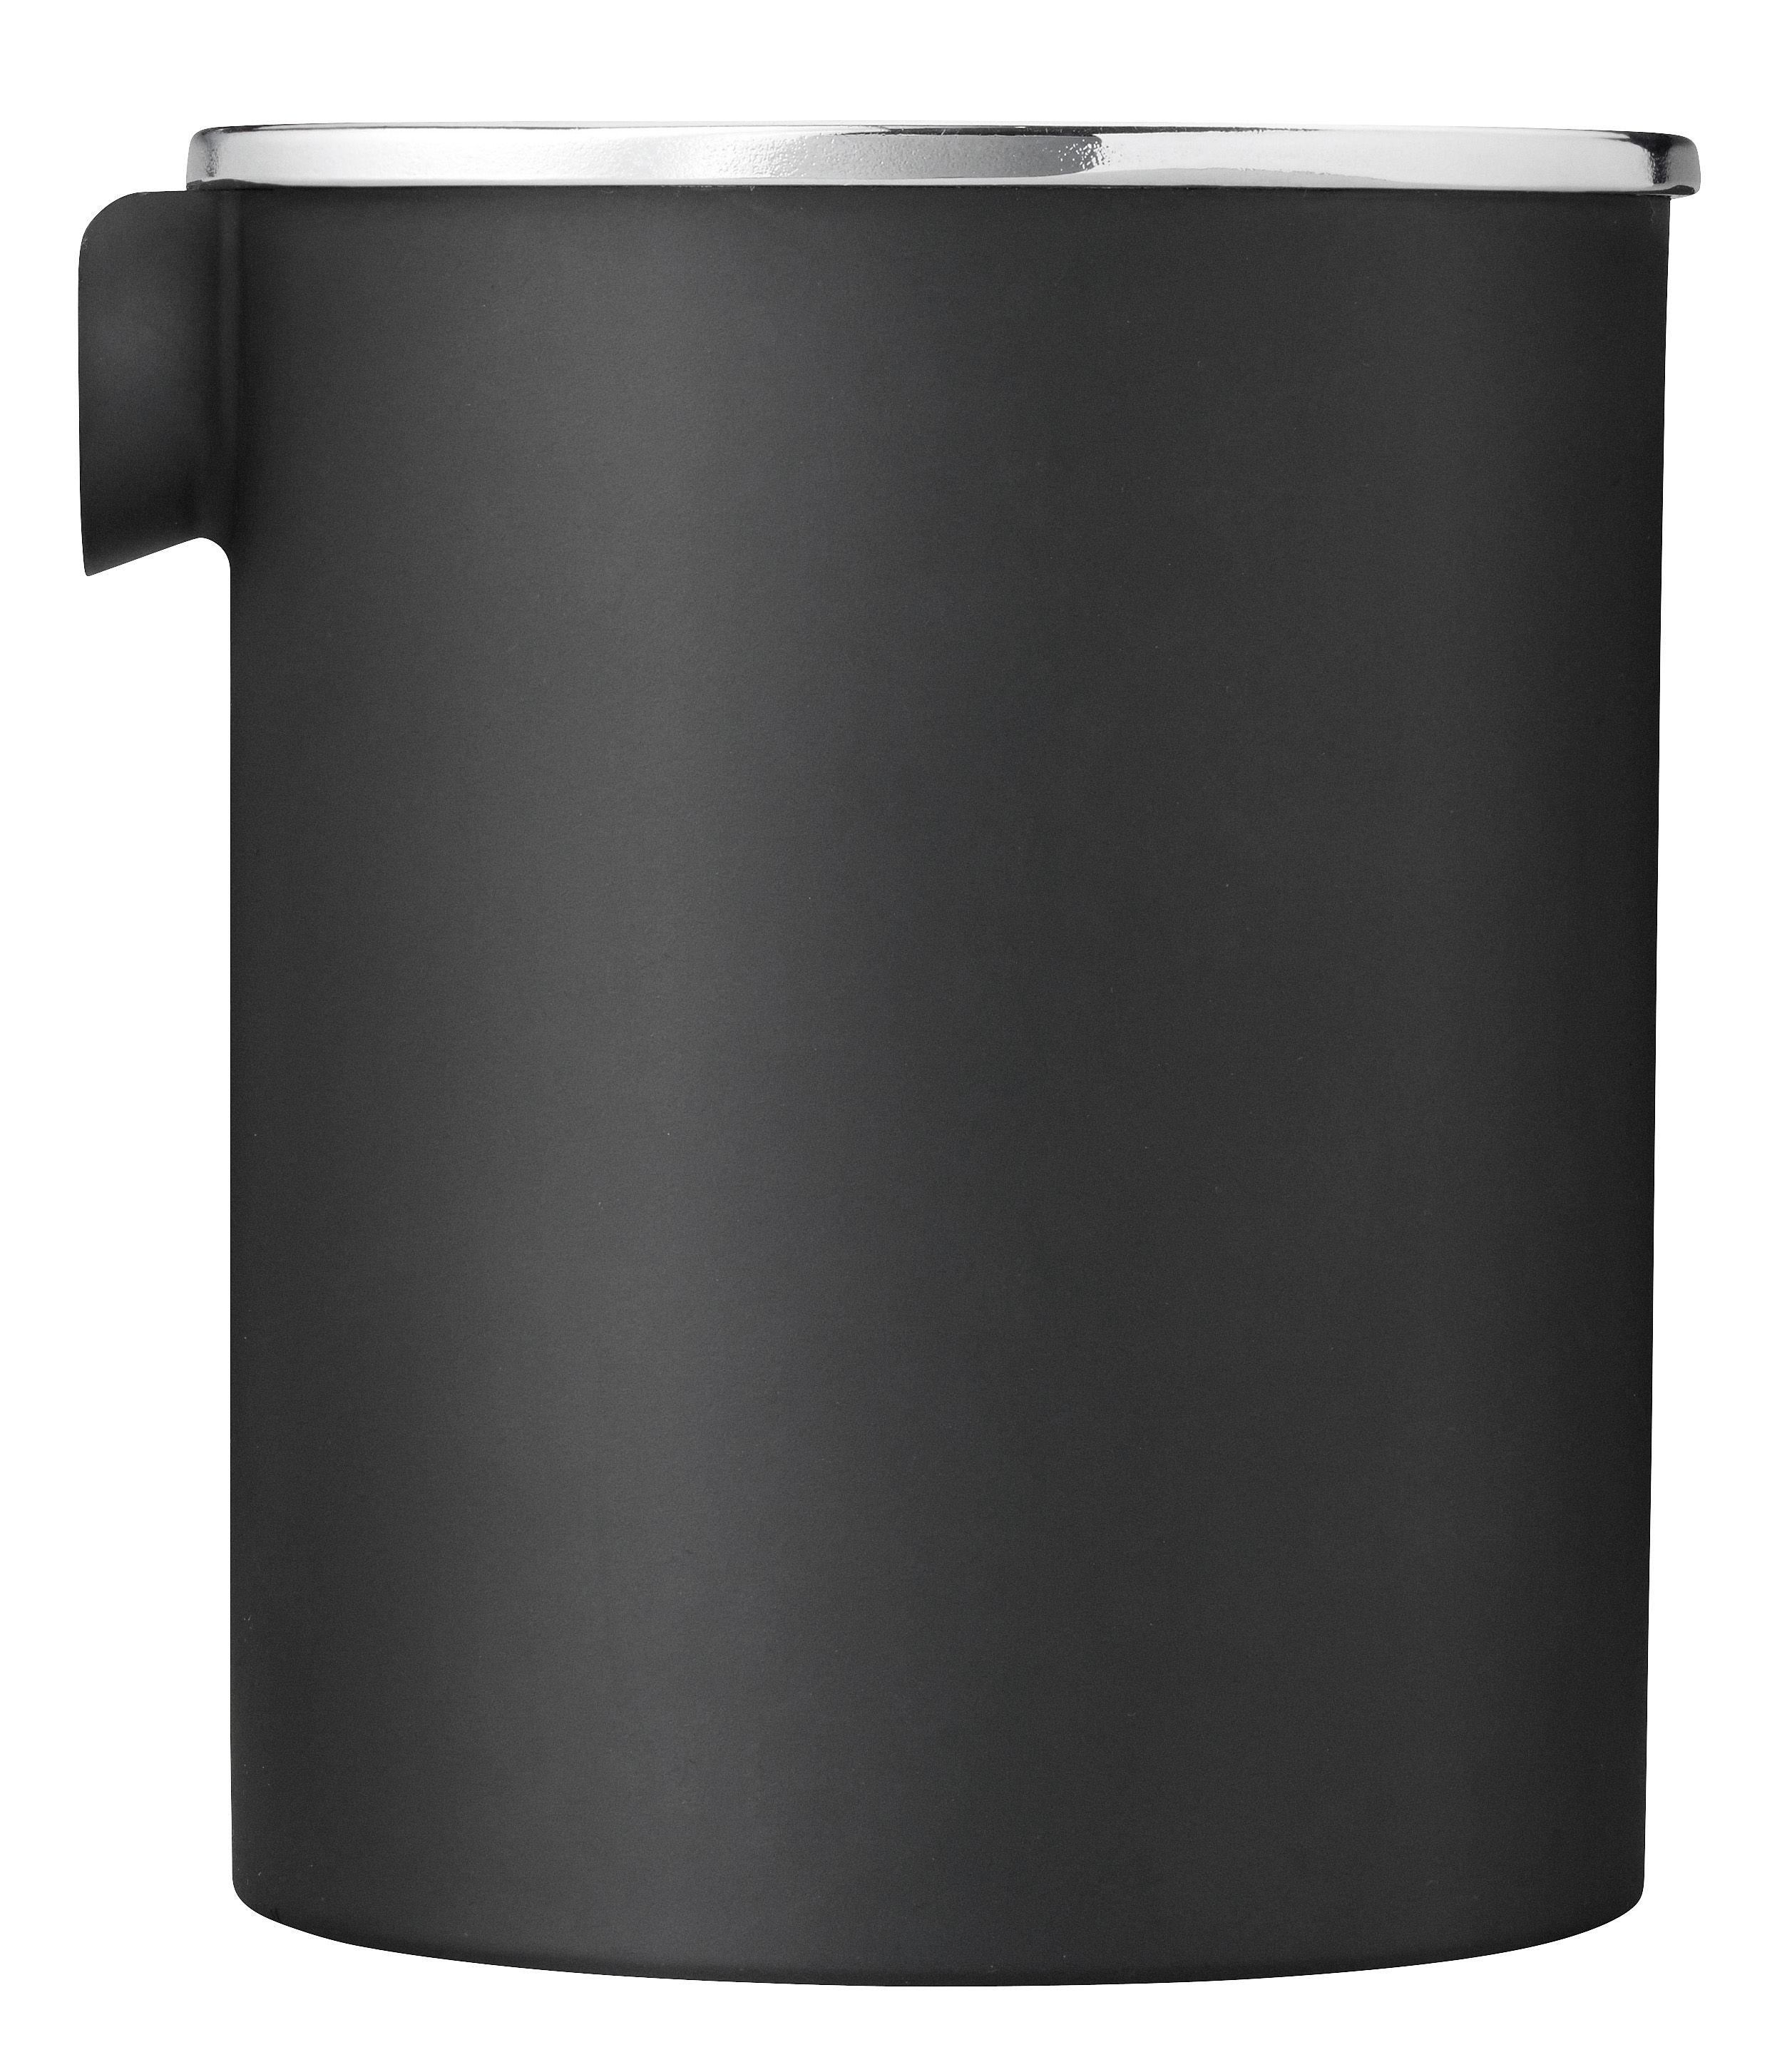 Küche - Zuckerdosen und Milchkännchen - Classic Reverse Milchkännchen / Milchkännchen - limtierte Auflage - Stelton - Schwarz / Verschluss silberfarben - ABS